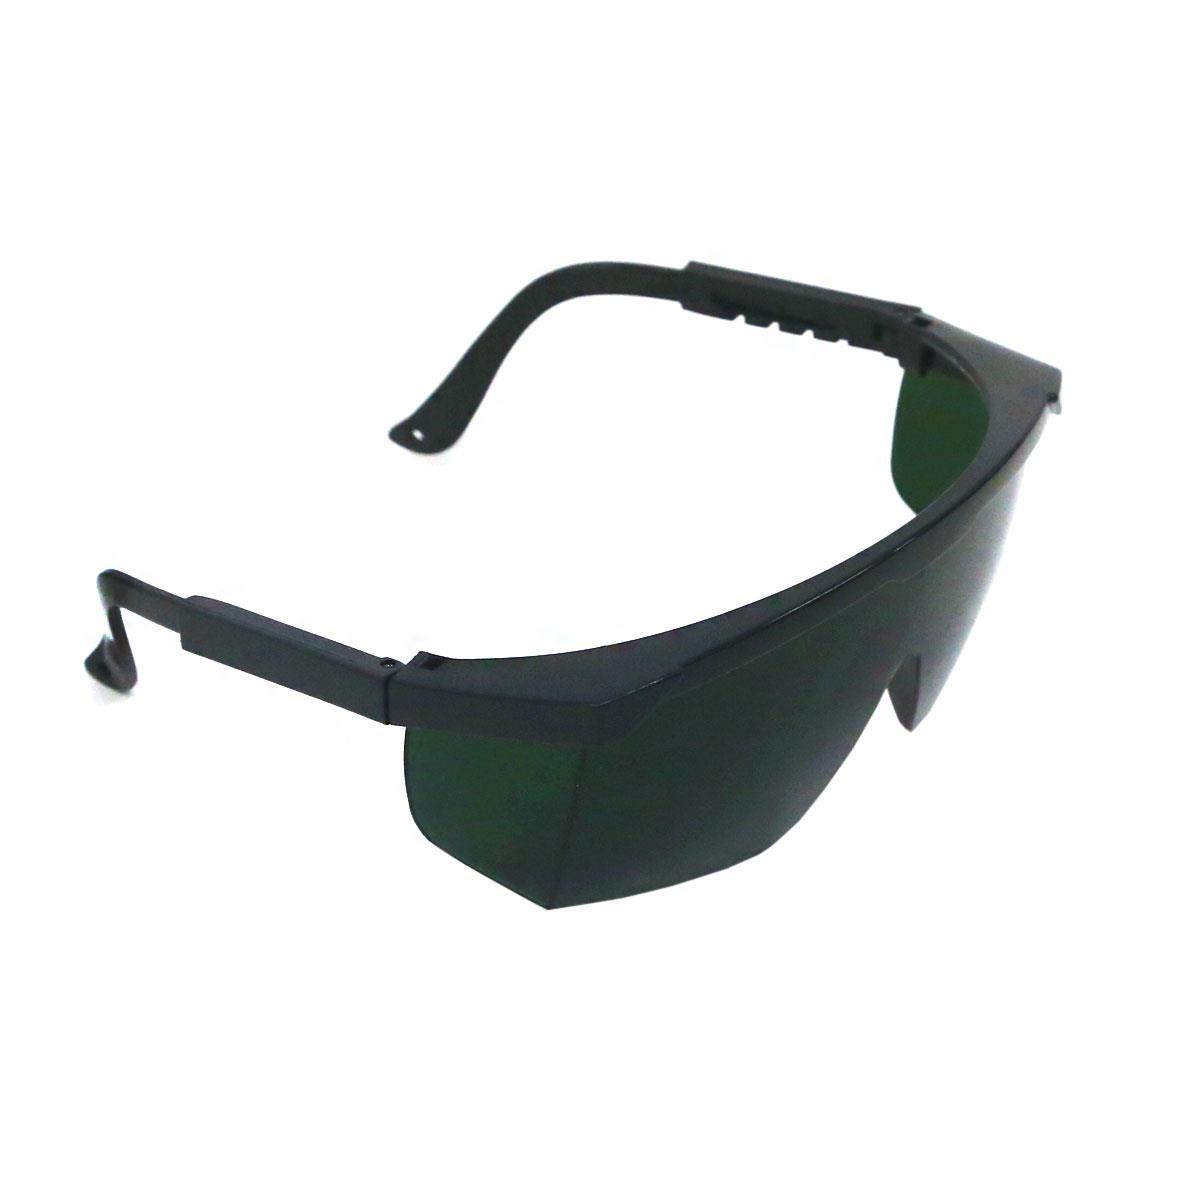 Óculos De Proteção Para Laserterapia - Ibramed